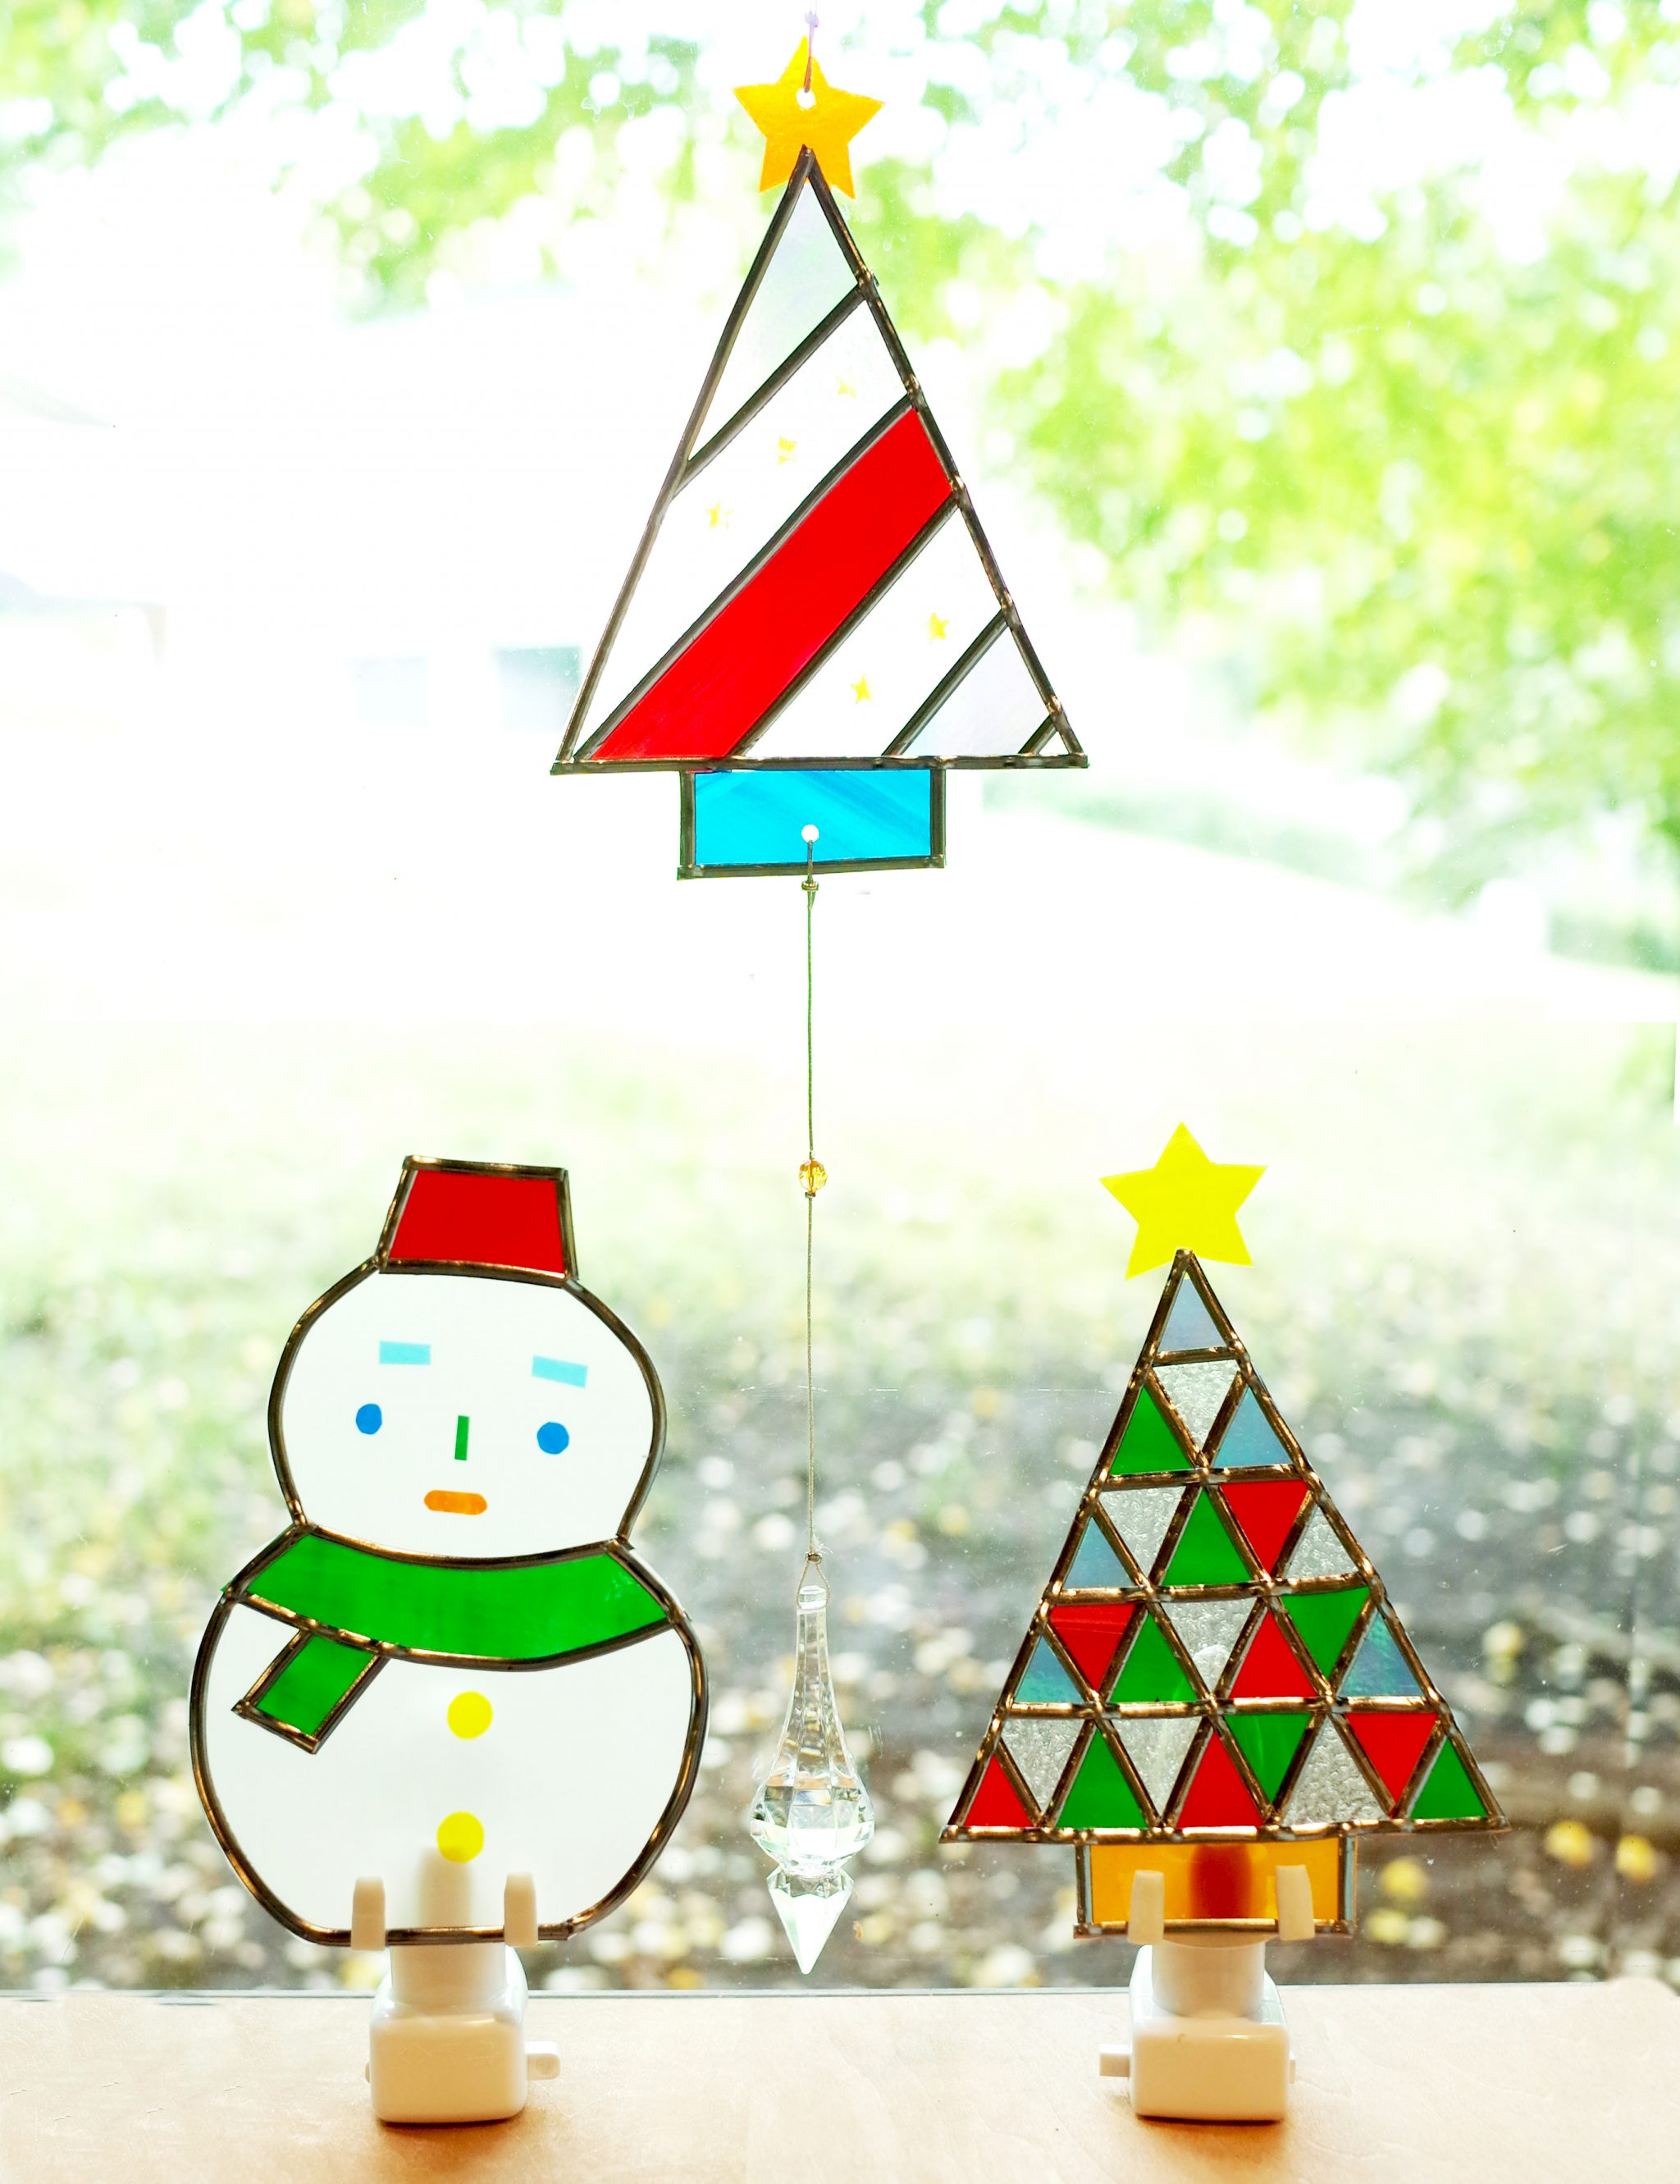 クリスマス限定 「かんたんステンドグラスアートで作ろう!クリスマスウォールランプ&サンキャッチャー」